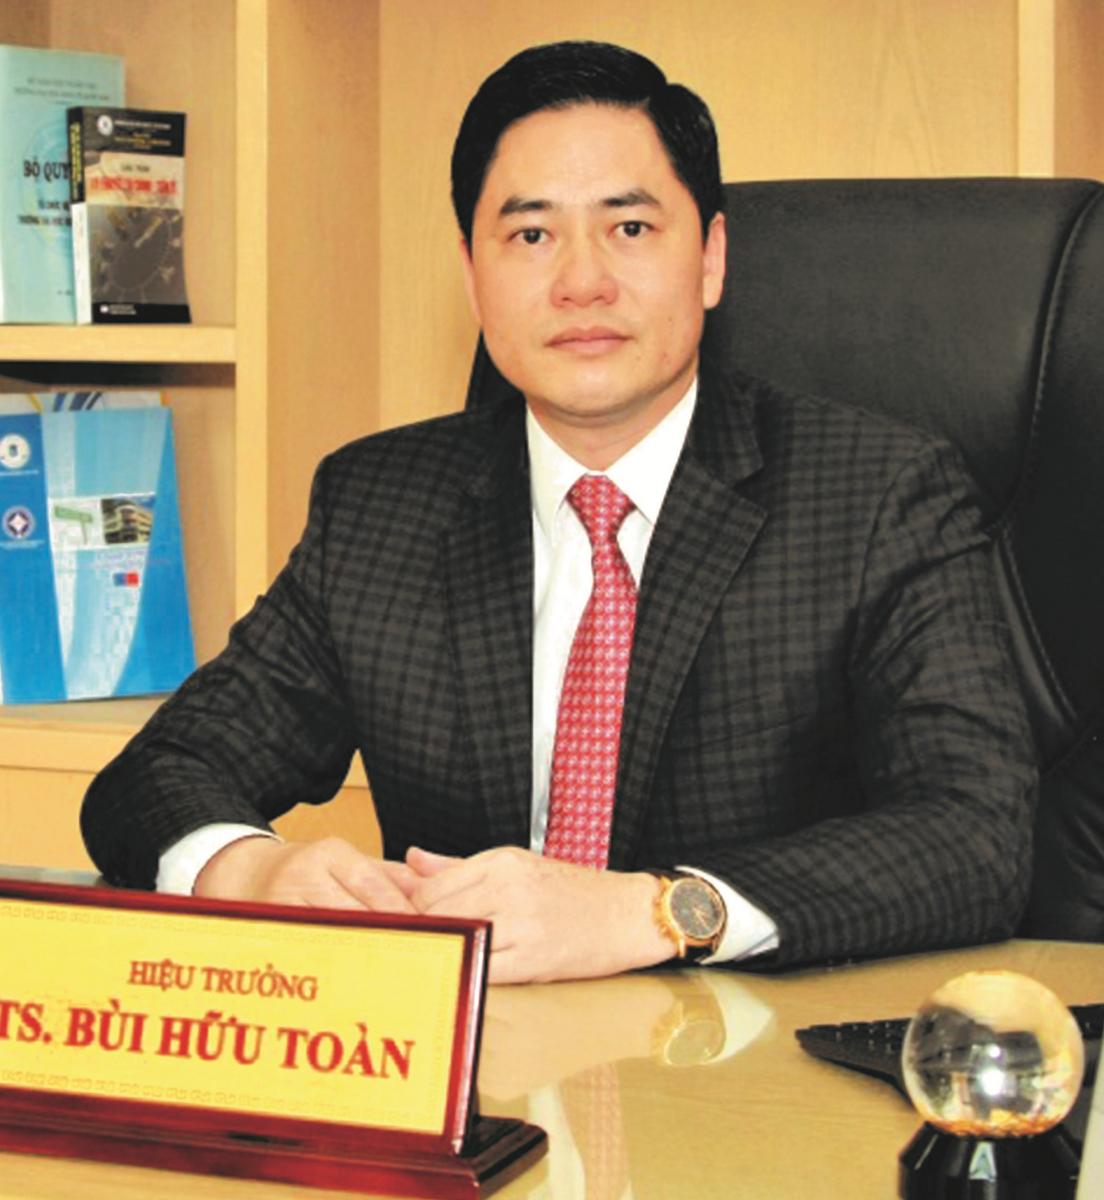 Trường Đại học Ngân hàng TP.HCM:Luôn dẫn đầu trong đào tạo theo chuẩn quốc tế